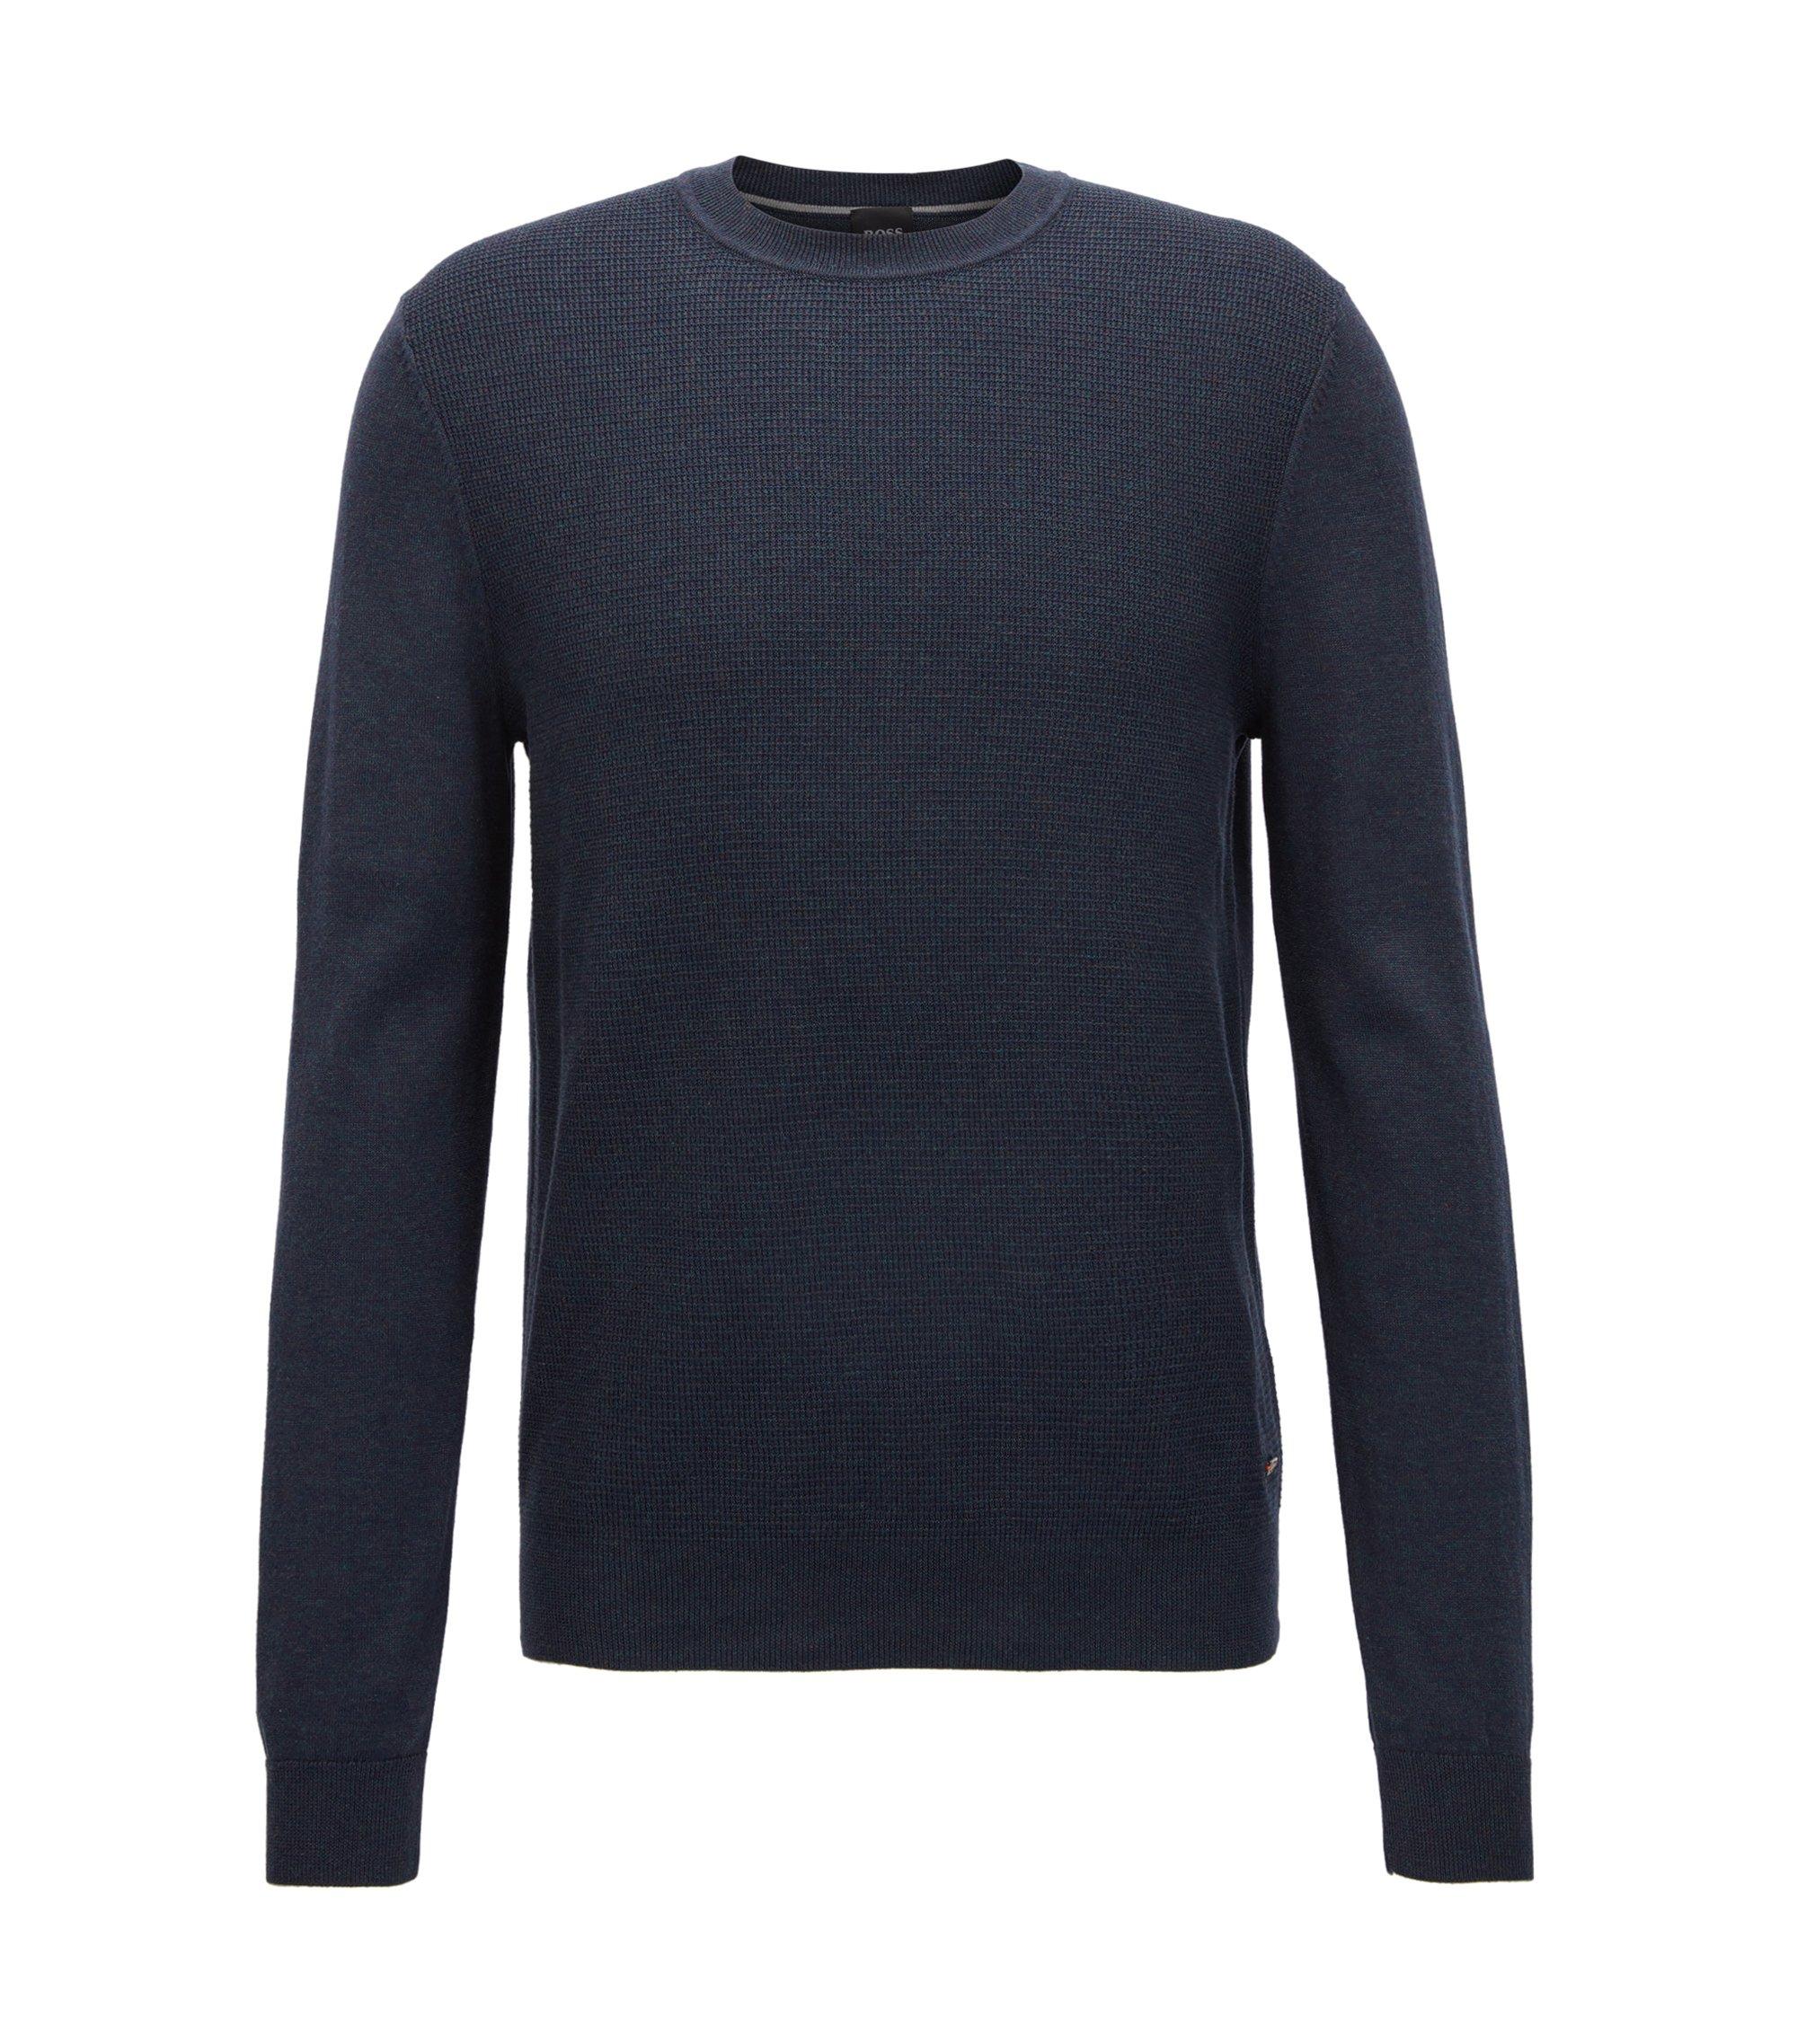 Pullover aus Baumwolle mit strukturierter Vorderseite, Dunkelblau